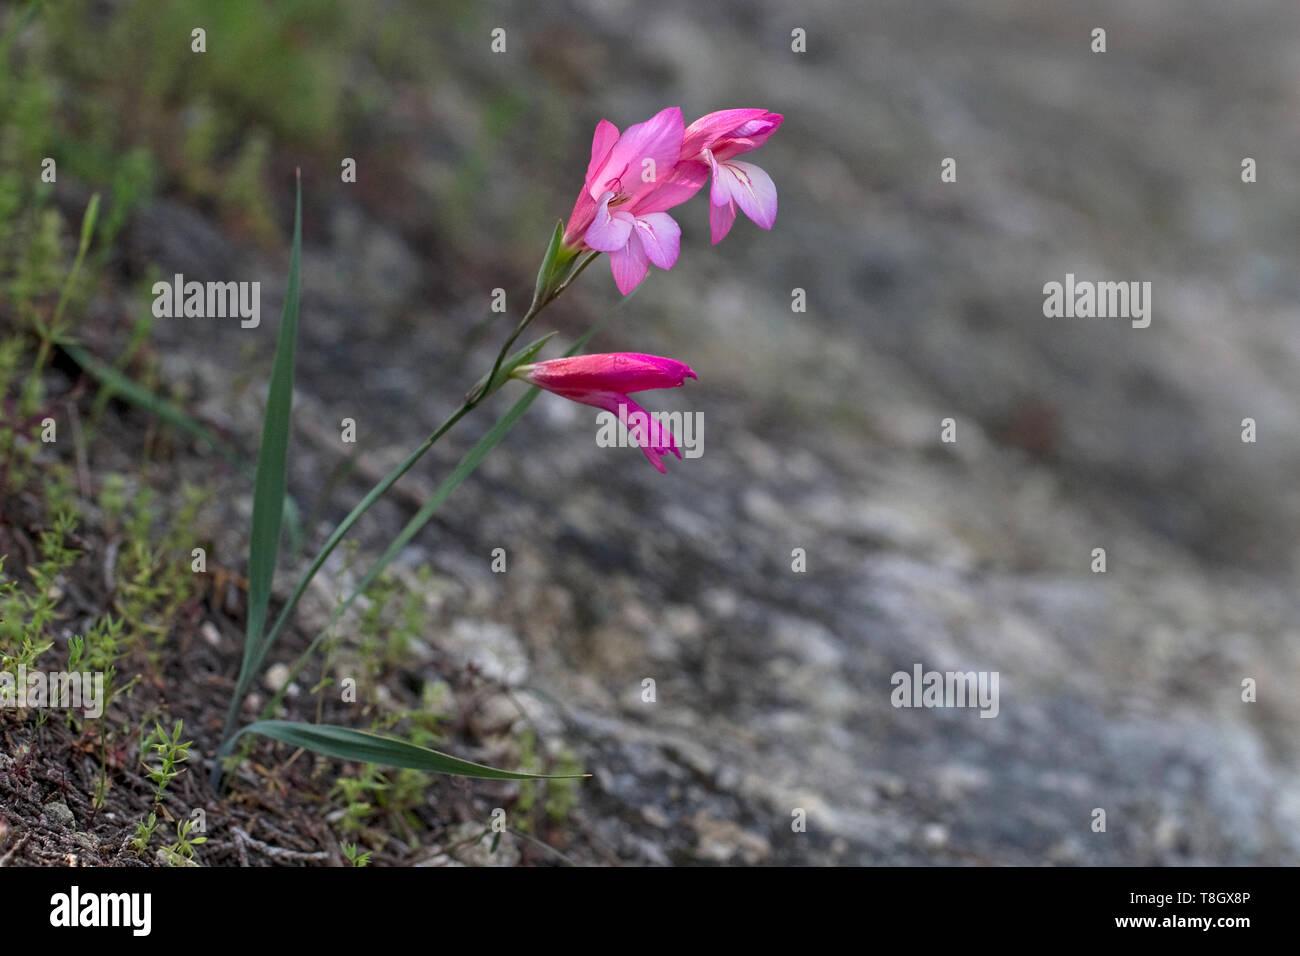 Zypern Gladiolen (Gladiolus triphyllus) Stockbild